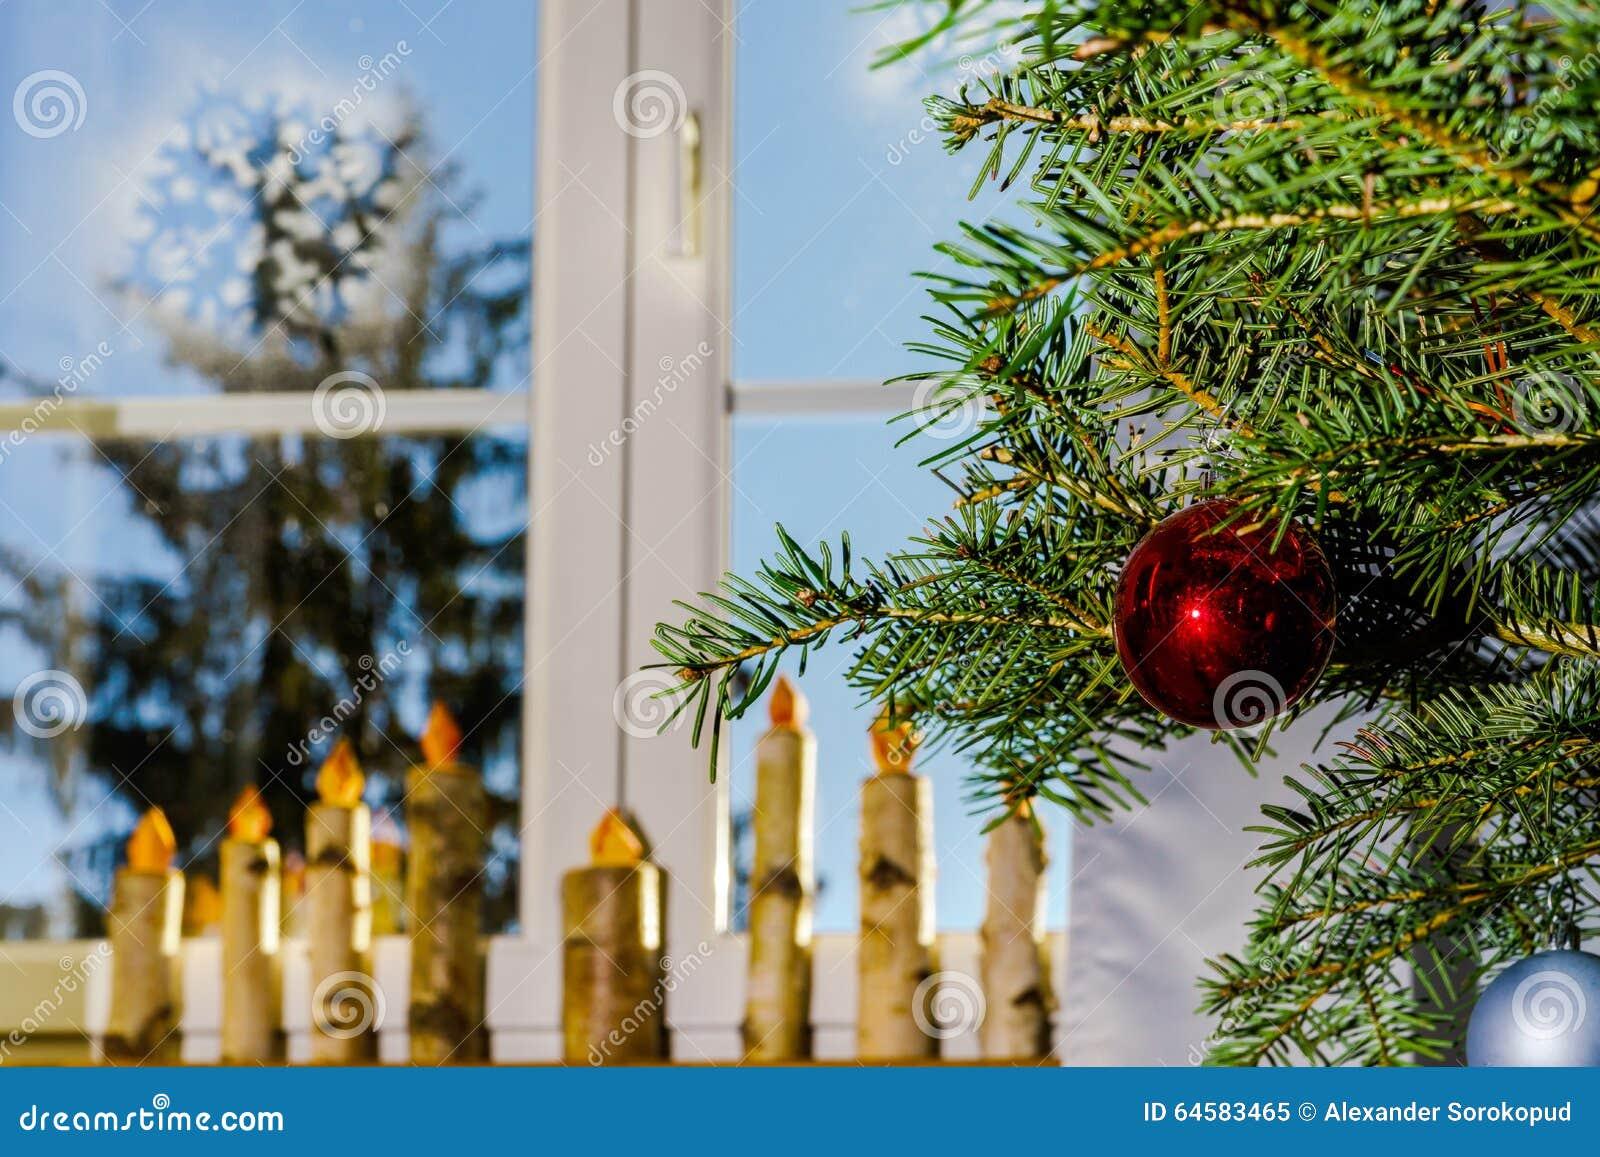 Decorare Candele Di Natale : Candele di legno fatte a mano come decorazione di natale della